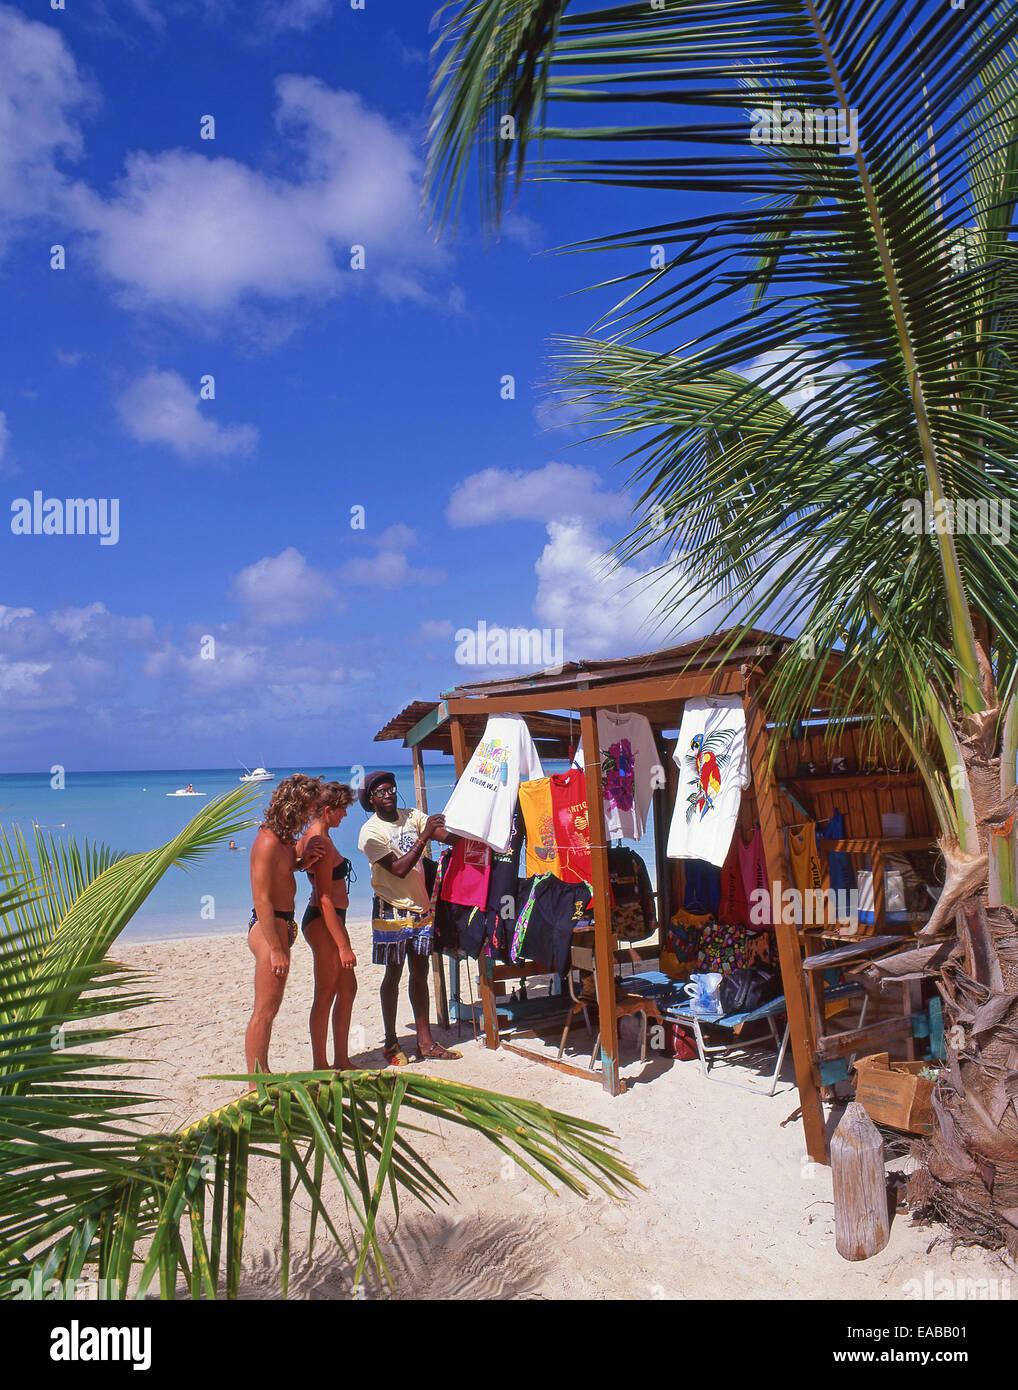 Pareja en playa cala, Jolly Beach, la parroquia de Santa María, Antigua, Antigua y Barbuda, Antillas, Caribe Imagen De Stock